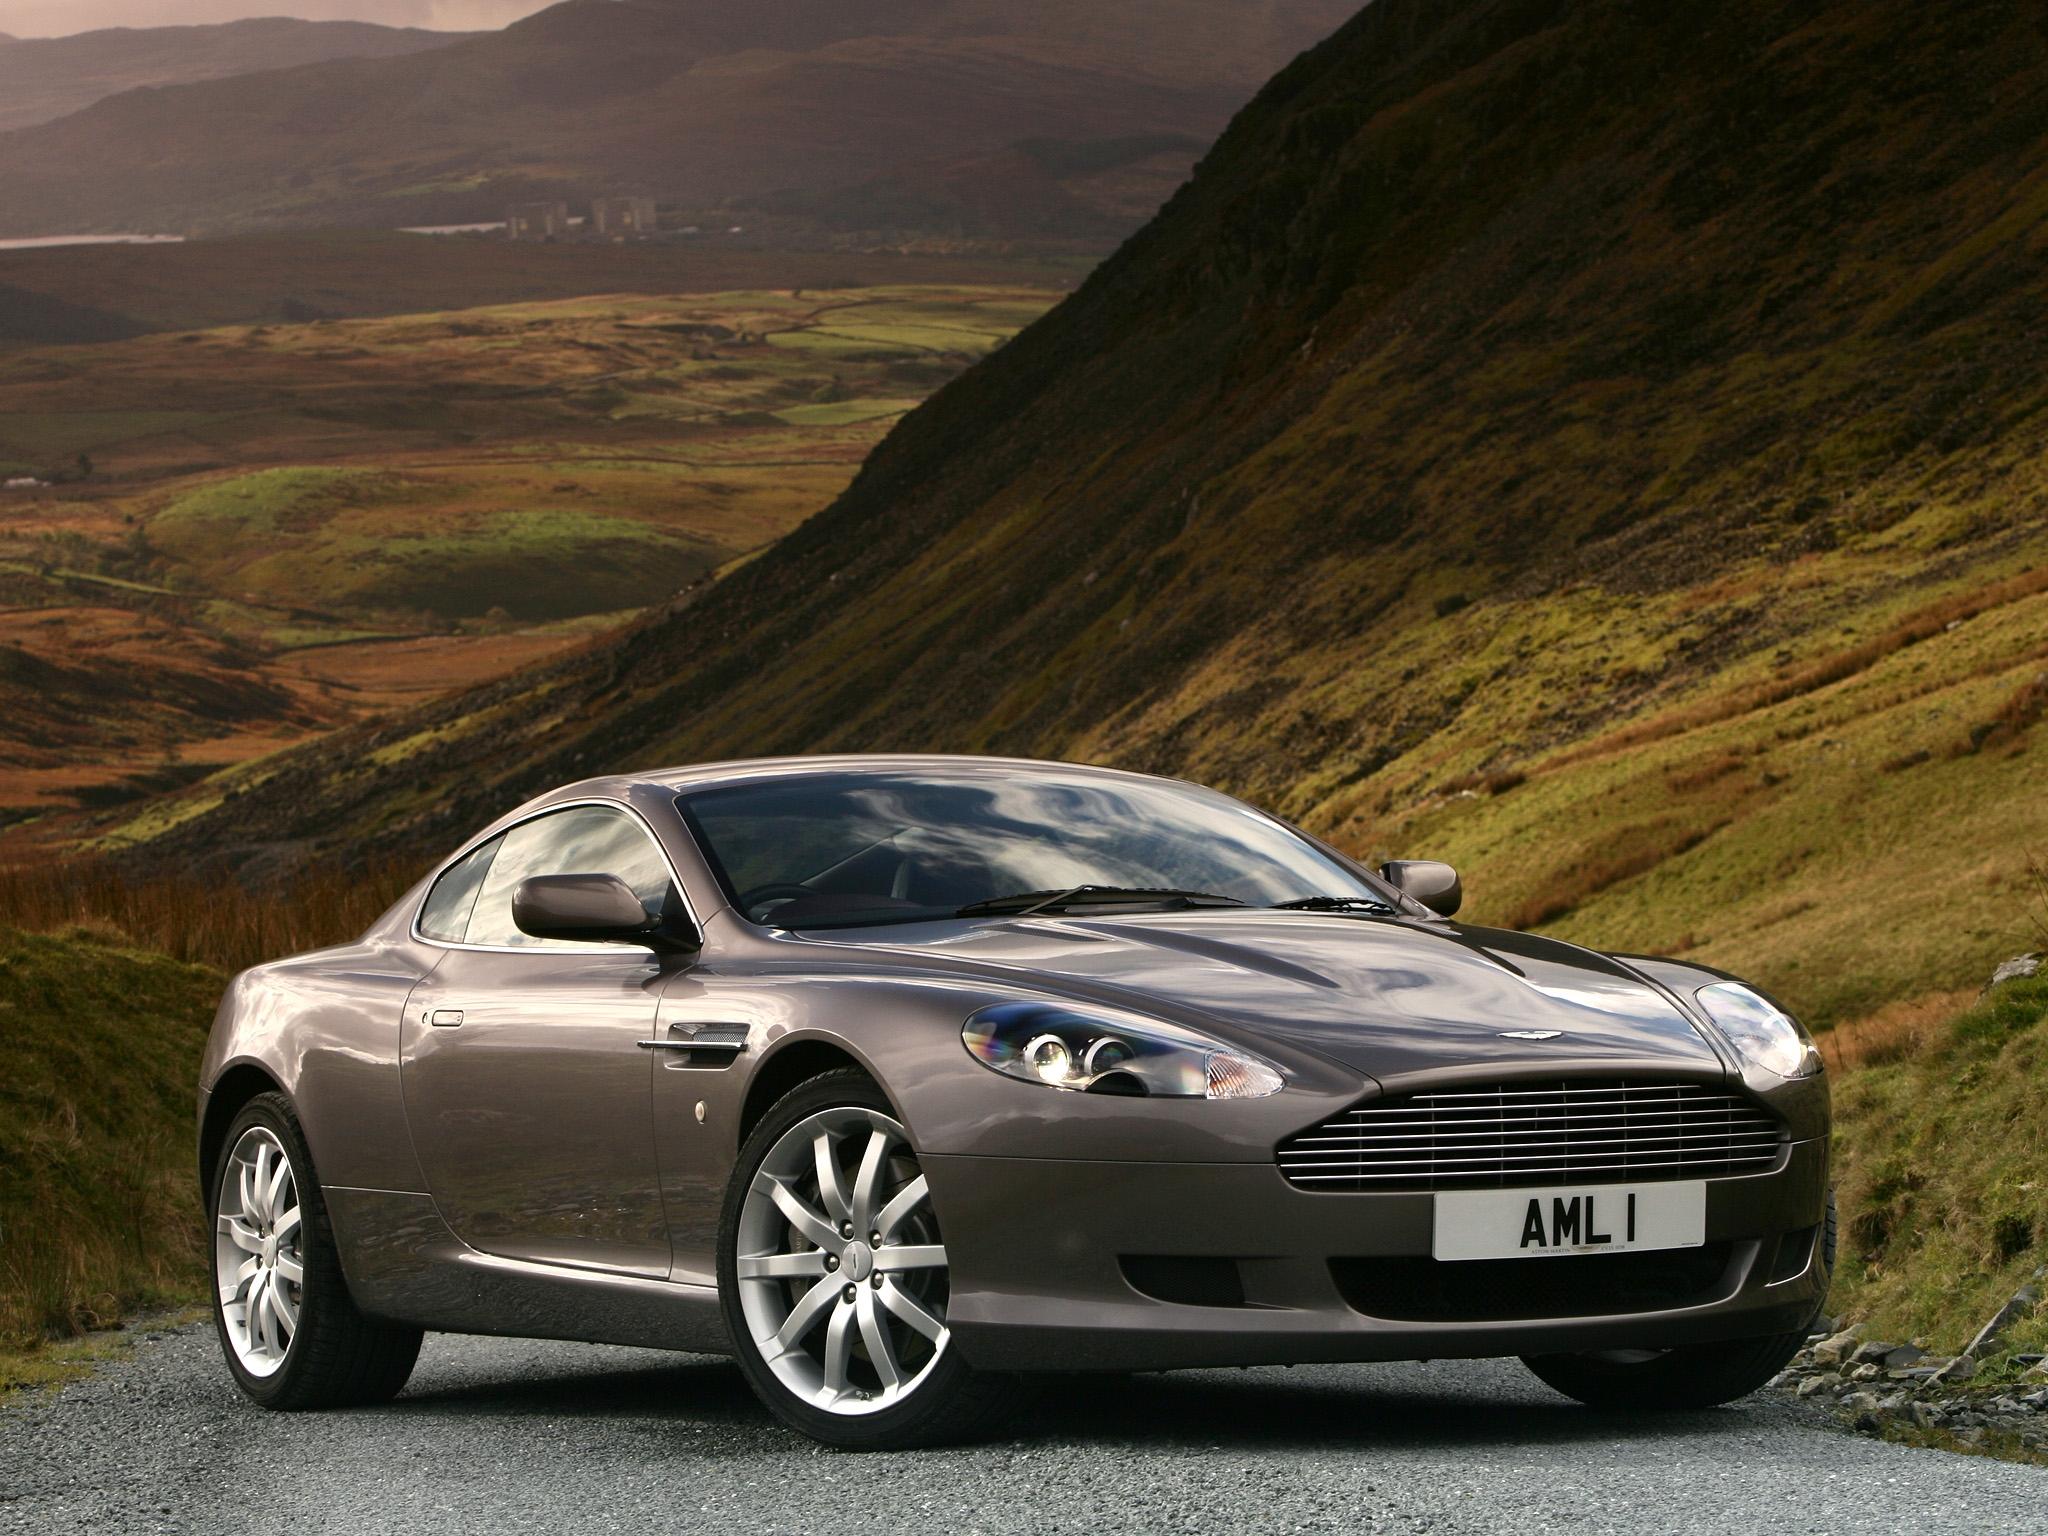 62588 скачать обои Машины, Природа, Астон Мартин (Aston Martin), Тачки (Cars), Вид Сбоку, Стиль, 2004, Db9, Серый Металлик - заставки и картинки бесплатно